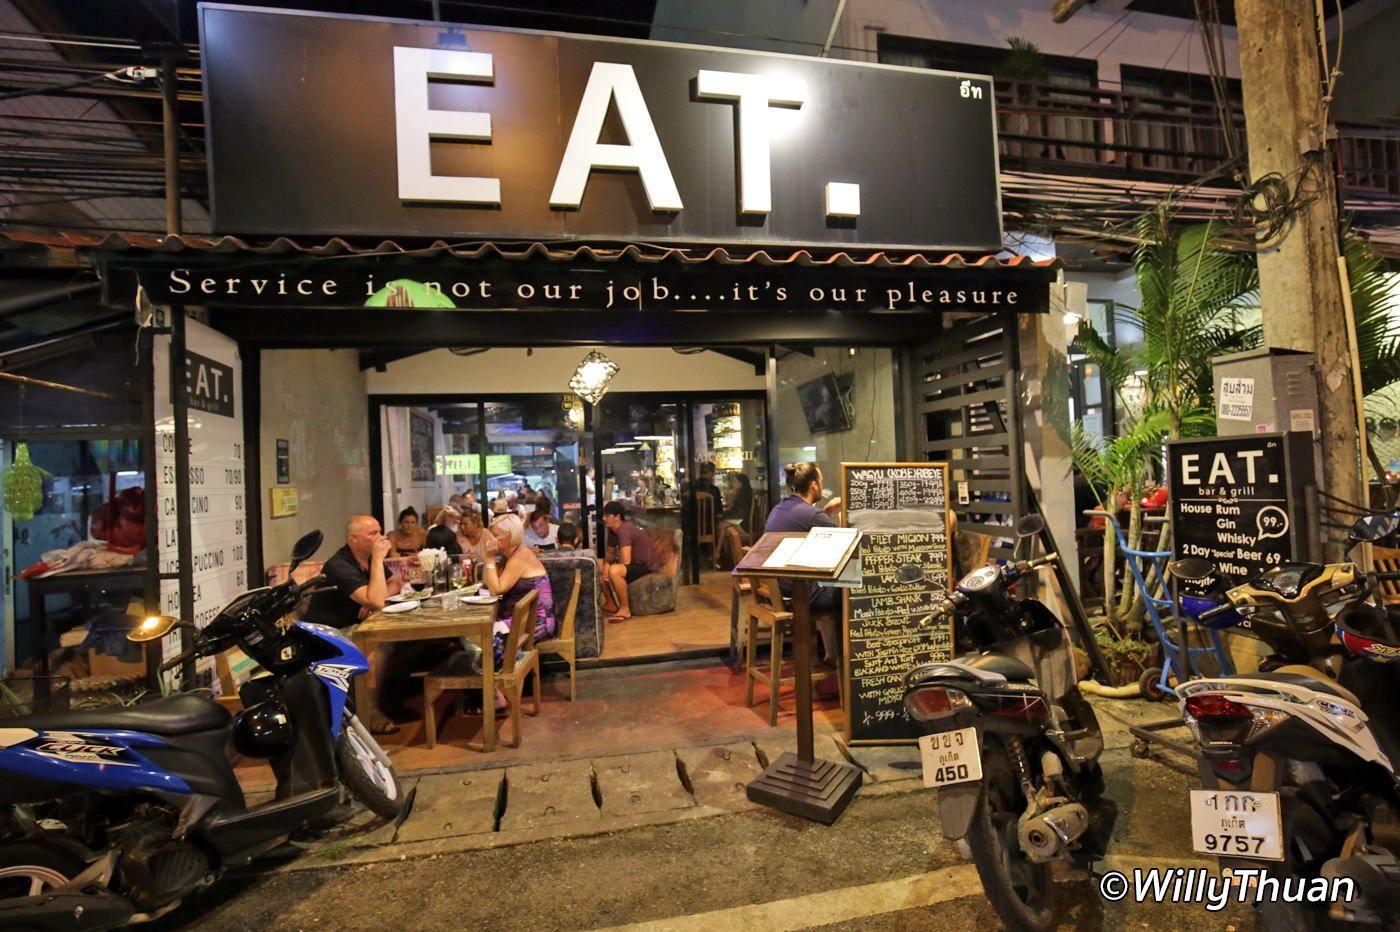 Blog 25 years of phuket island secrets and tips revealed